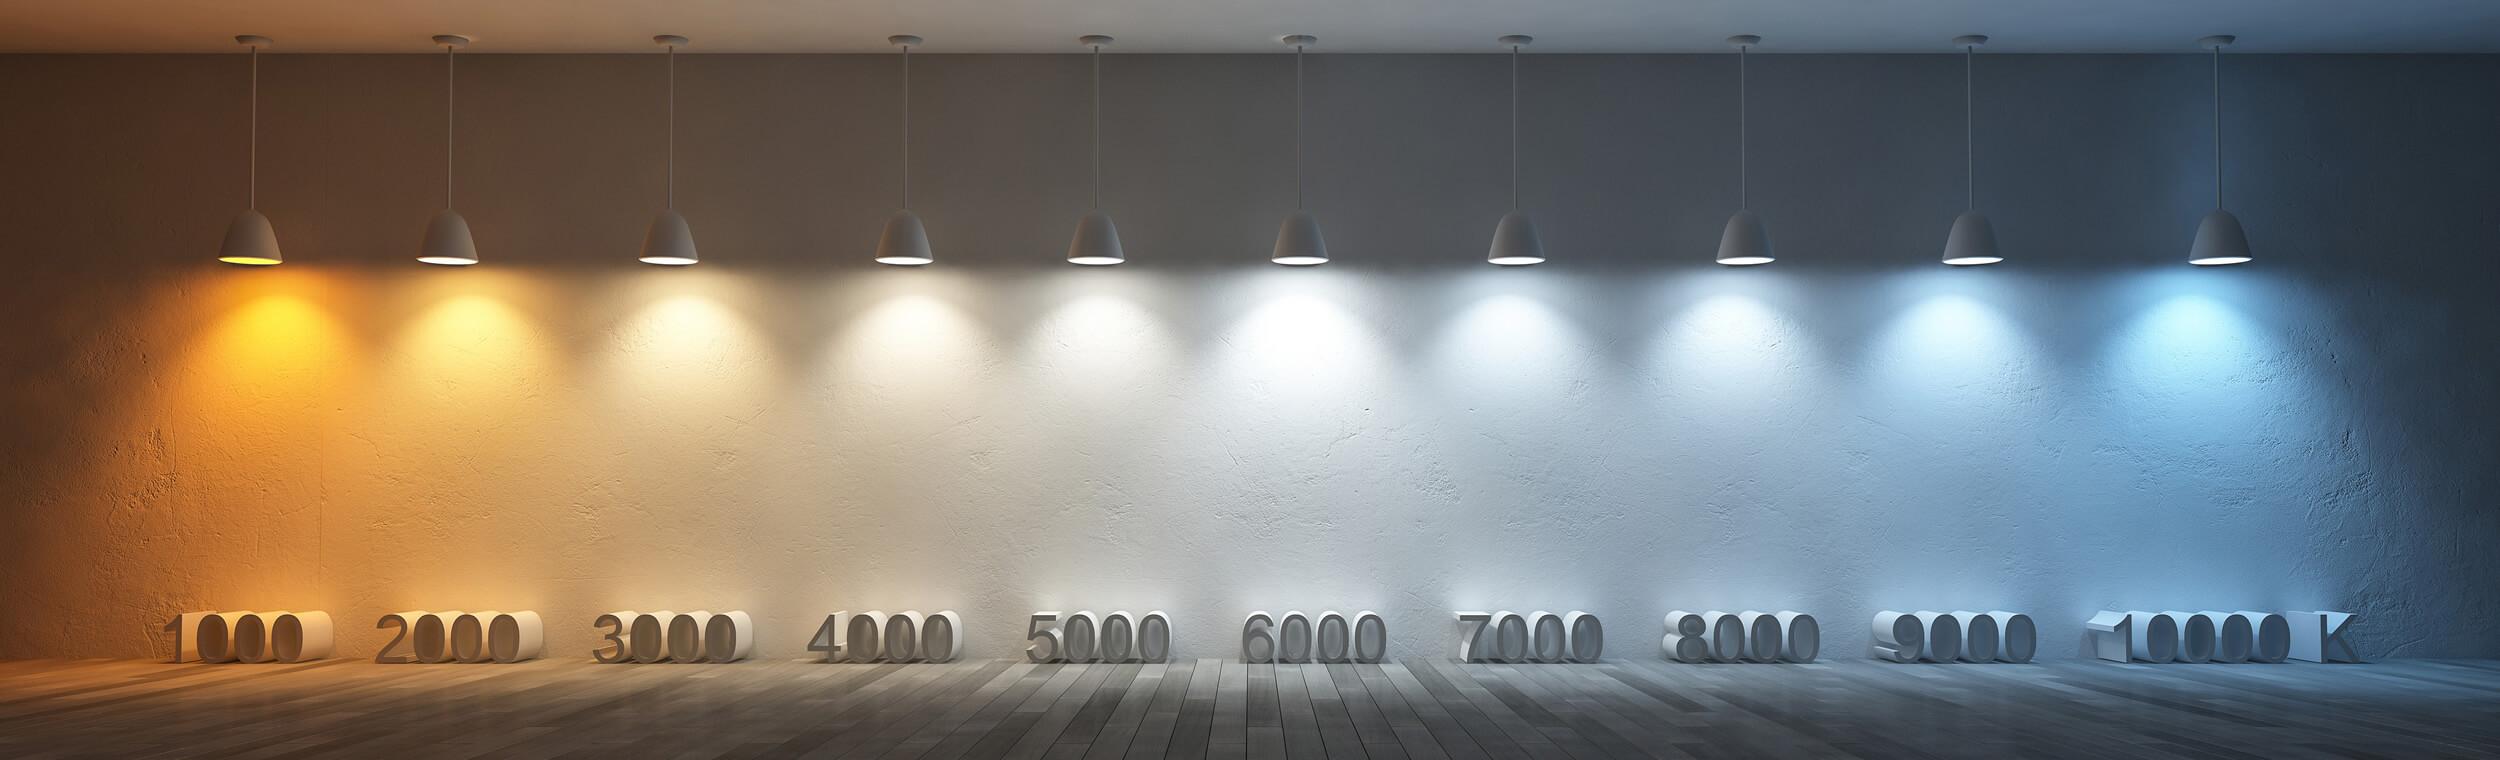 Độ sáng của bóng đèn được tính bằng đơn vị kelvin